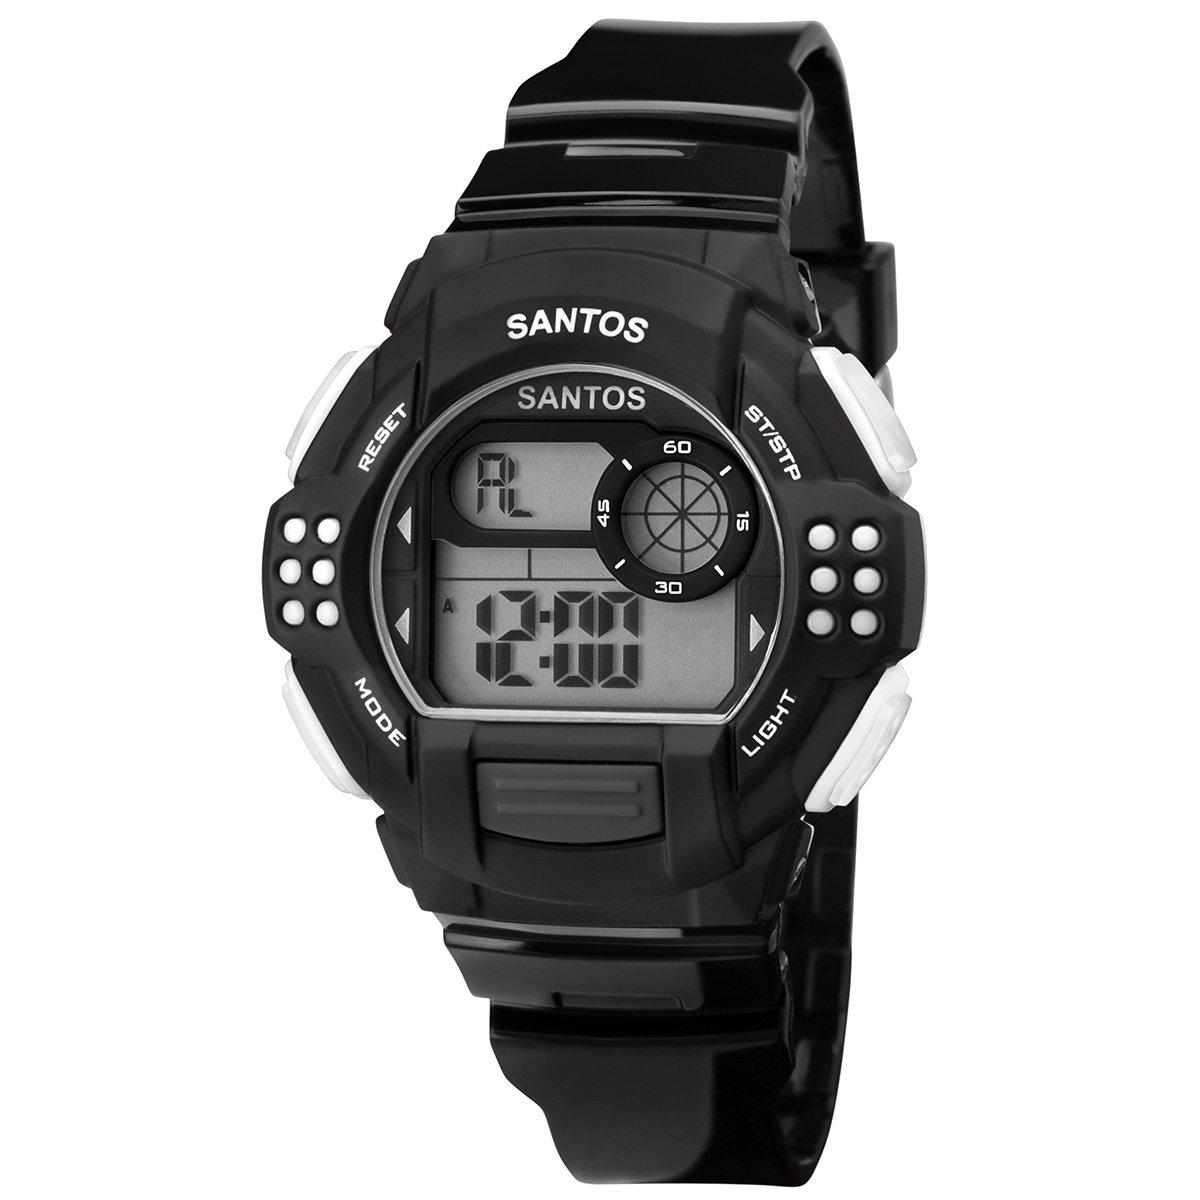 291cbb0410e Relógio Santos Technos Digital II - Compre Agora